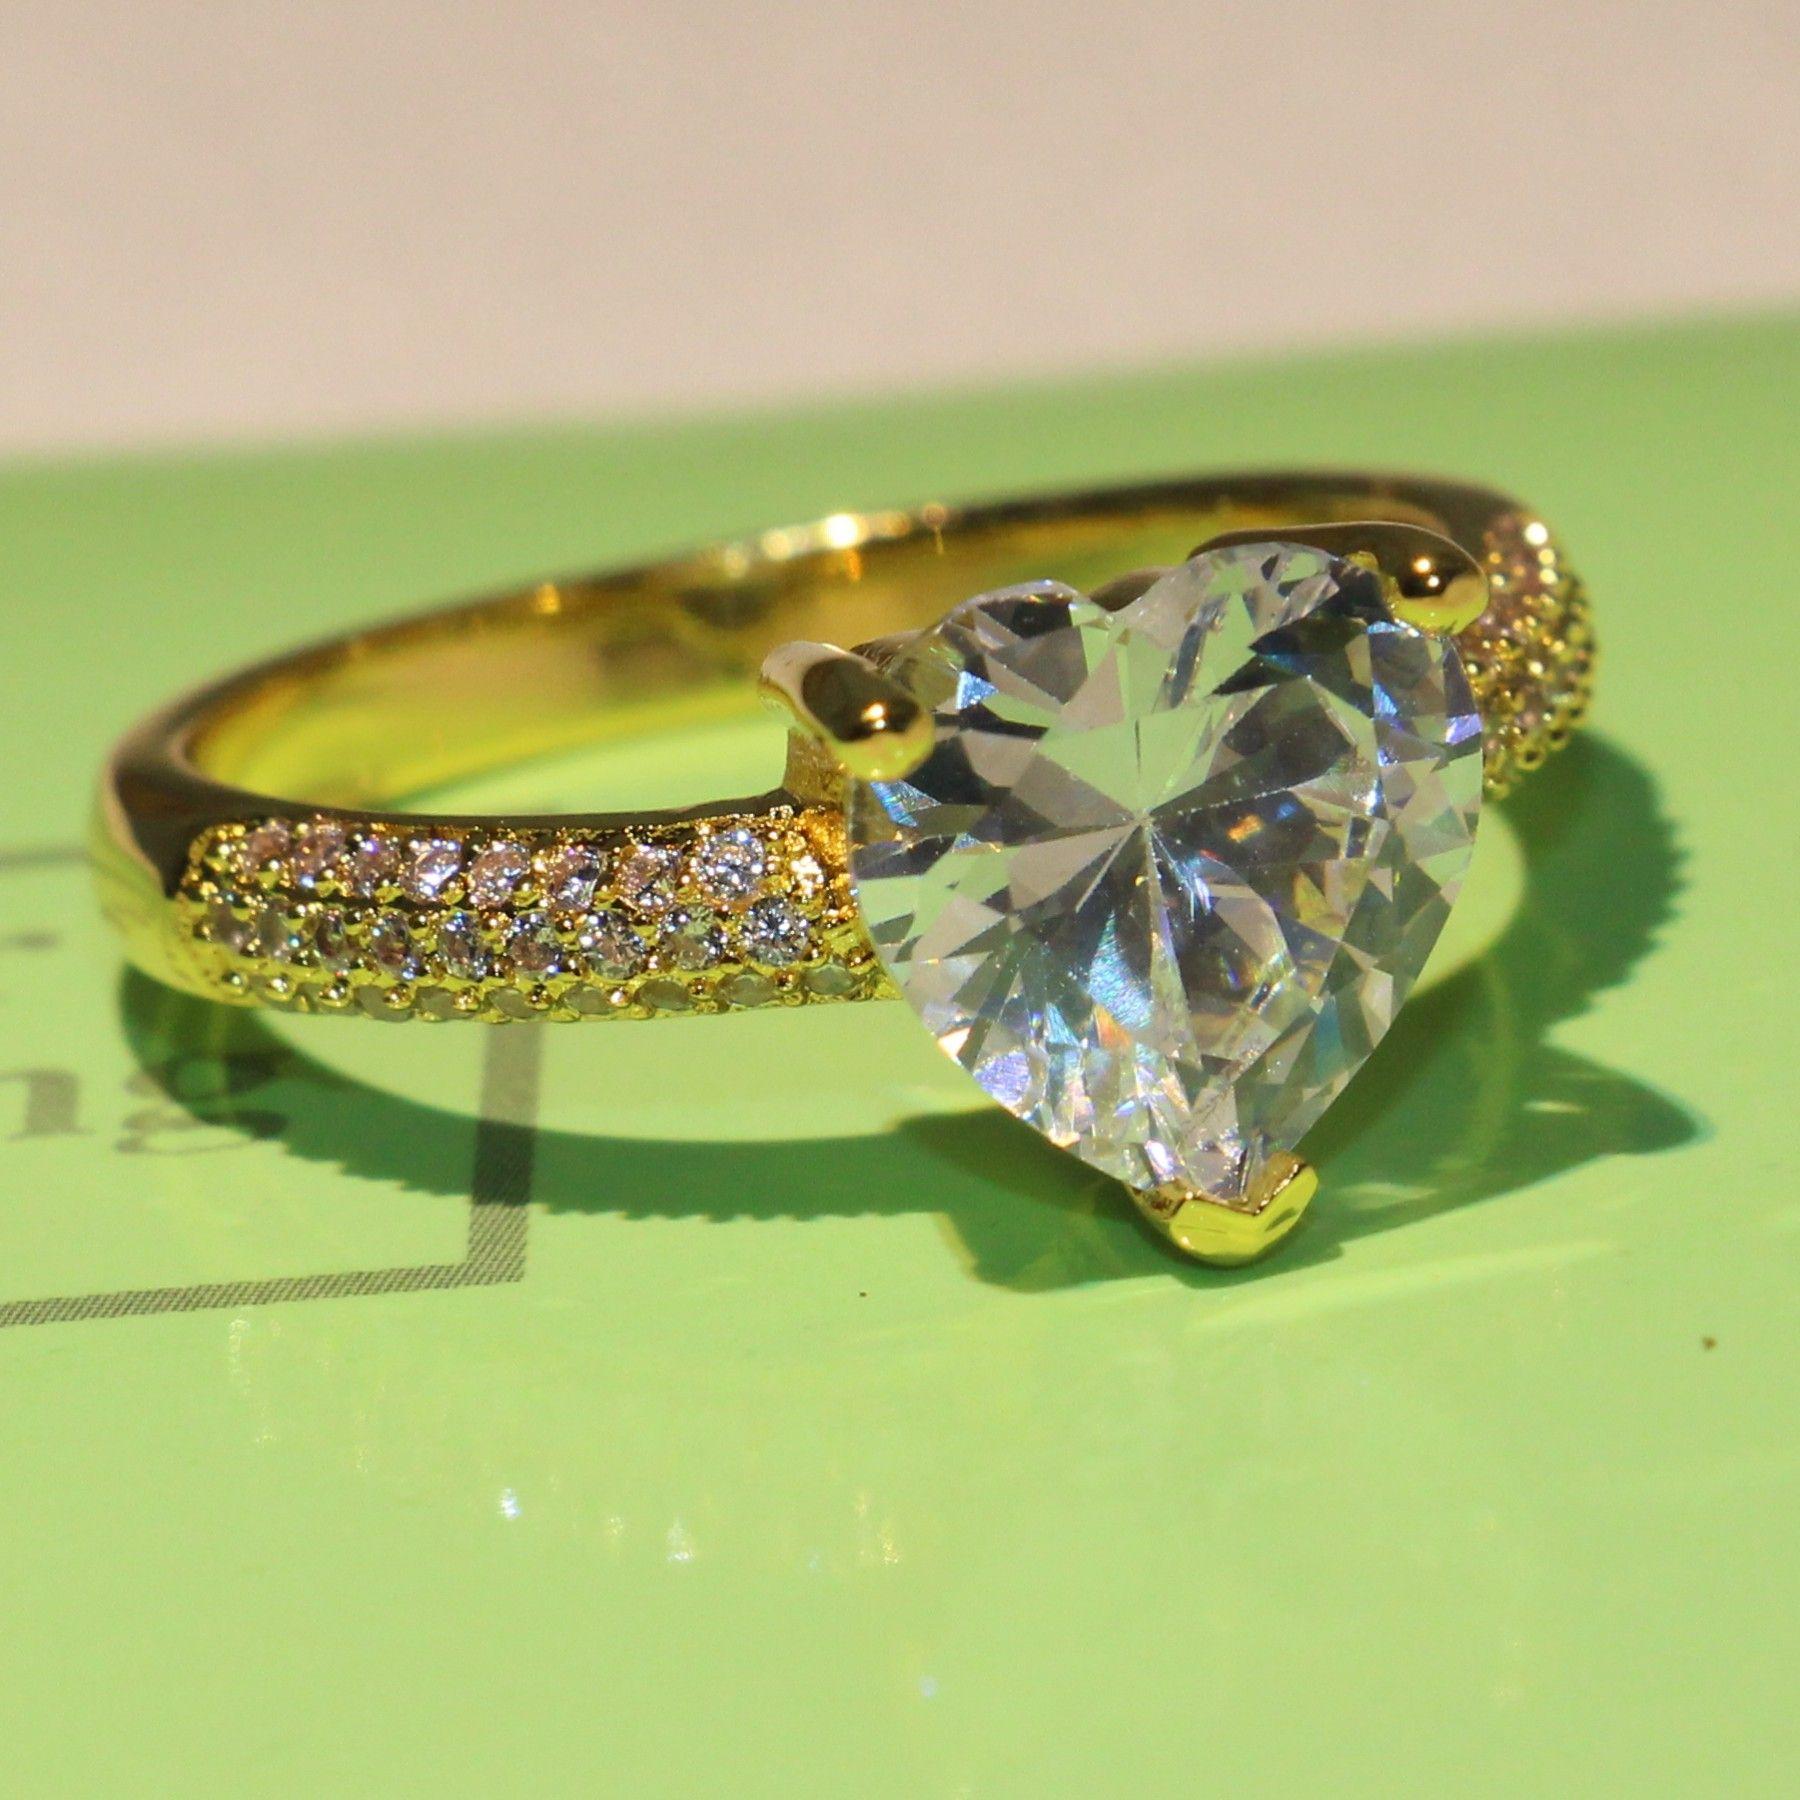 2018 nuovo arrivo promessa anello per le donne scintillanti gioielli in argento sterling 925 oro giallo riempito bianco topazio cz cuore femminile banda regalo anello